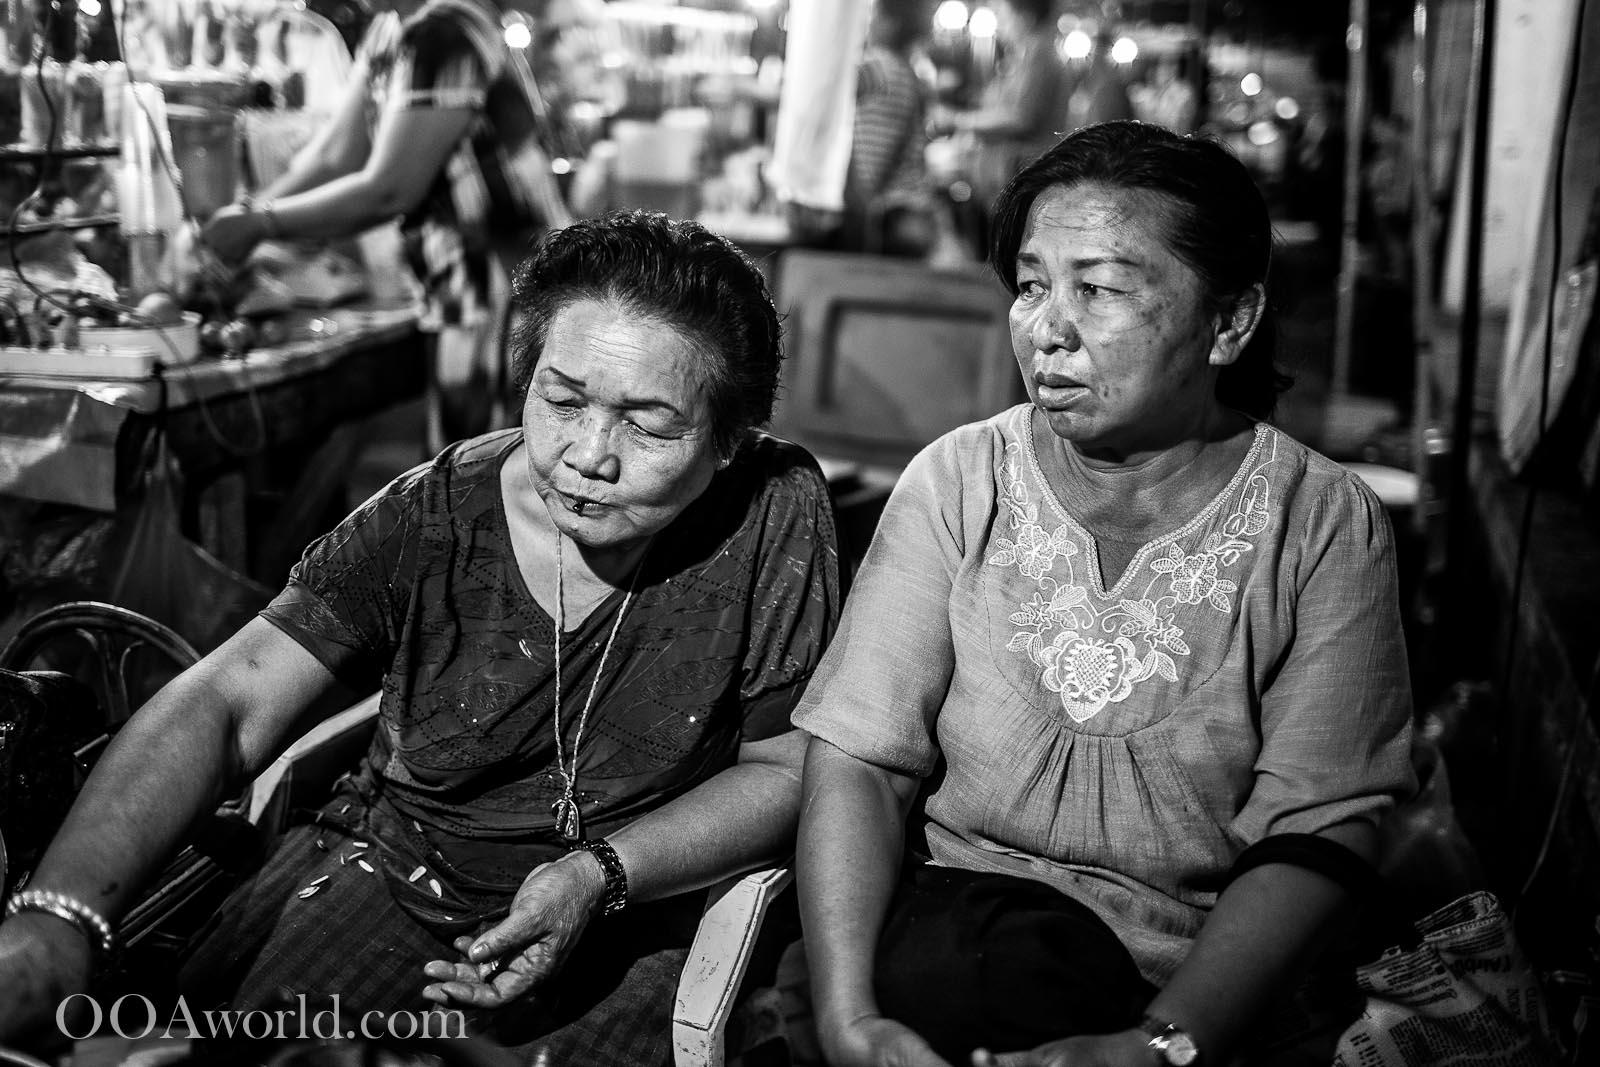 Women Luang Prabang Night Food Market Photo Ooaworld